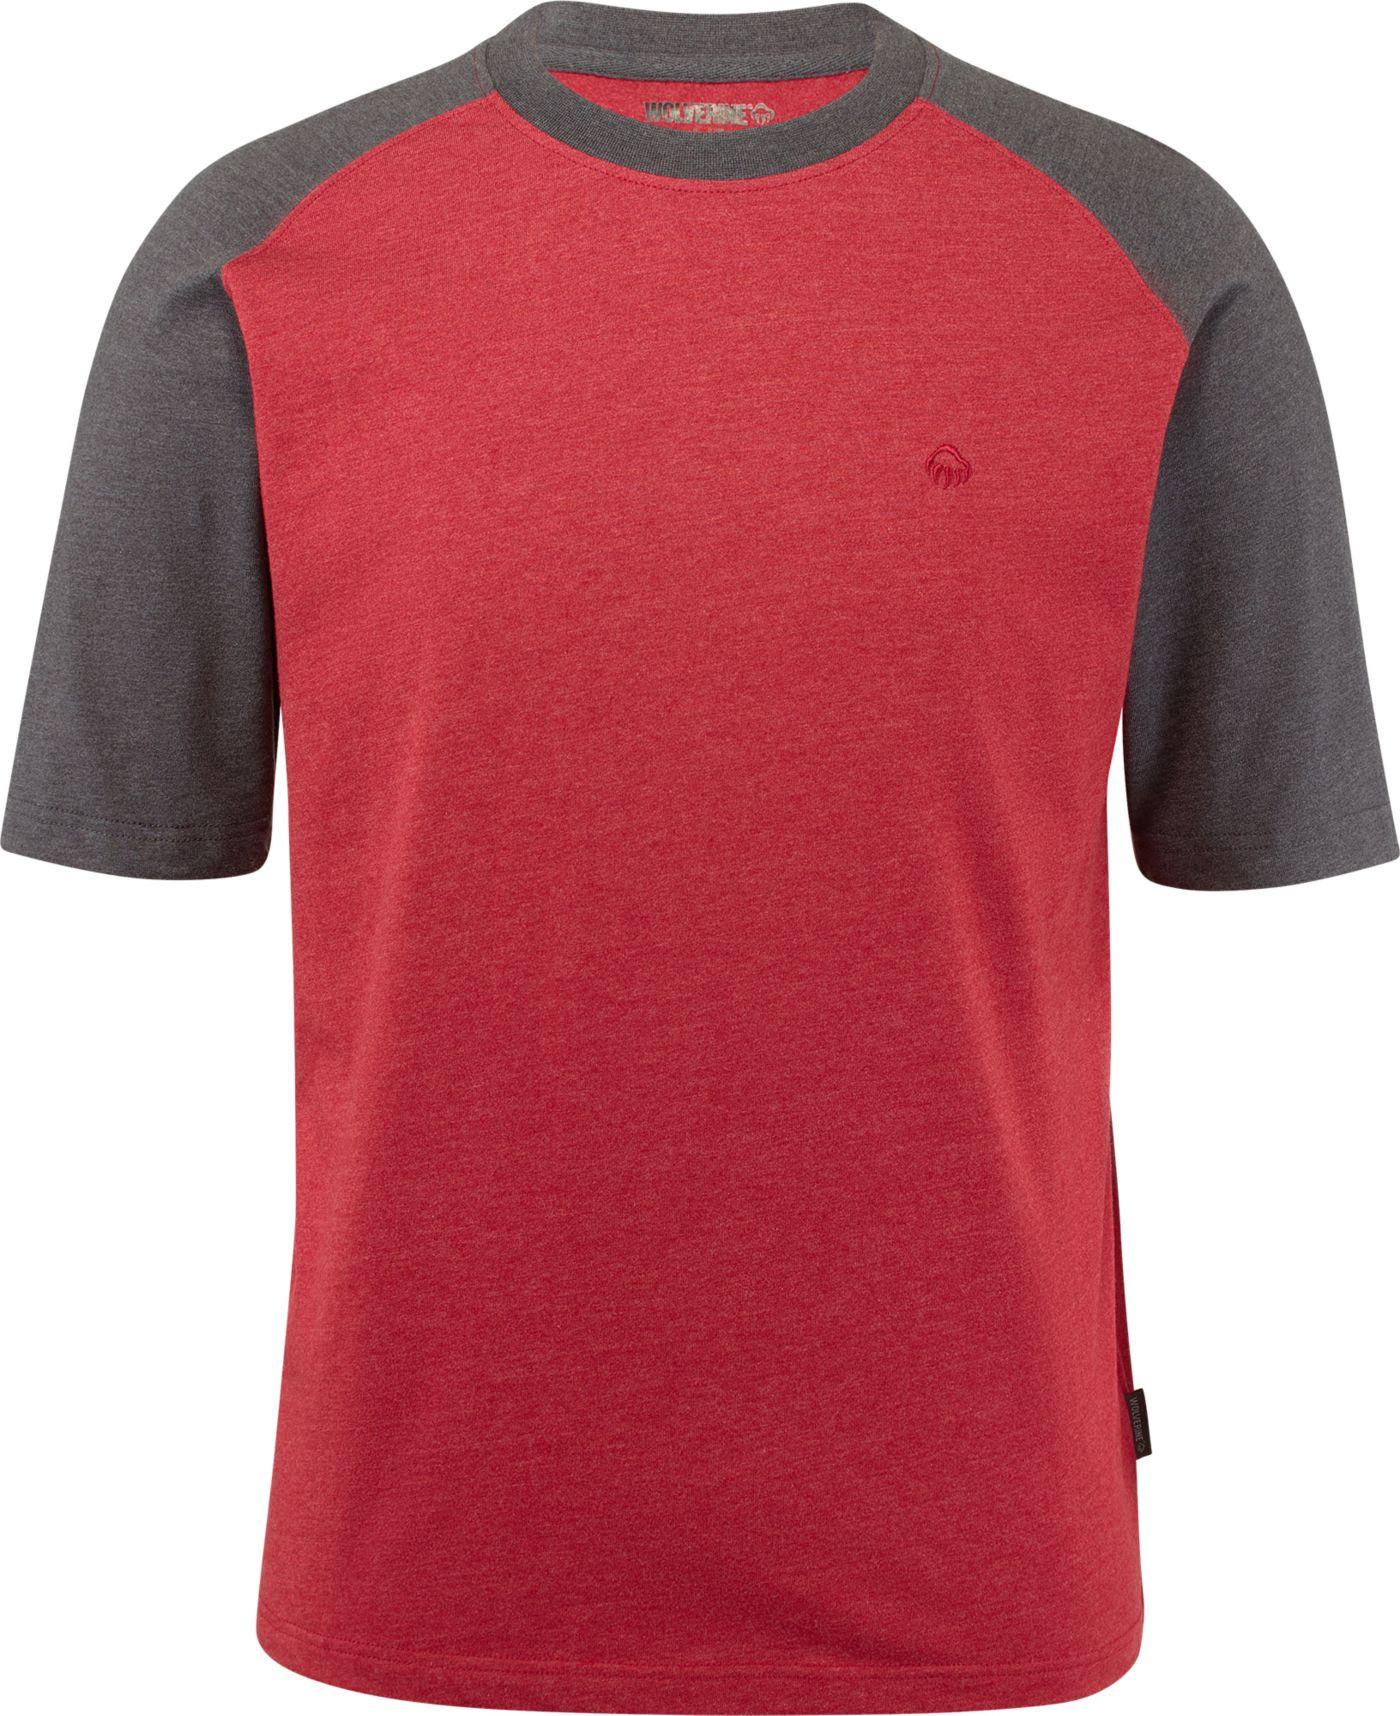 Wolverine Men's Brower Raglan T-Shirt